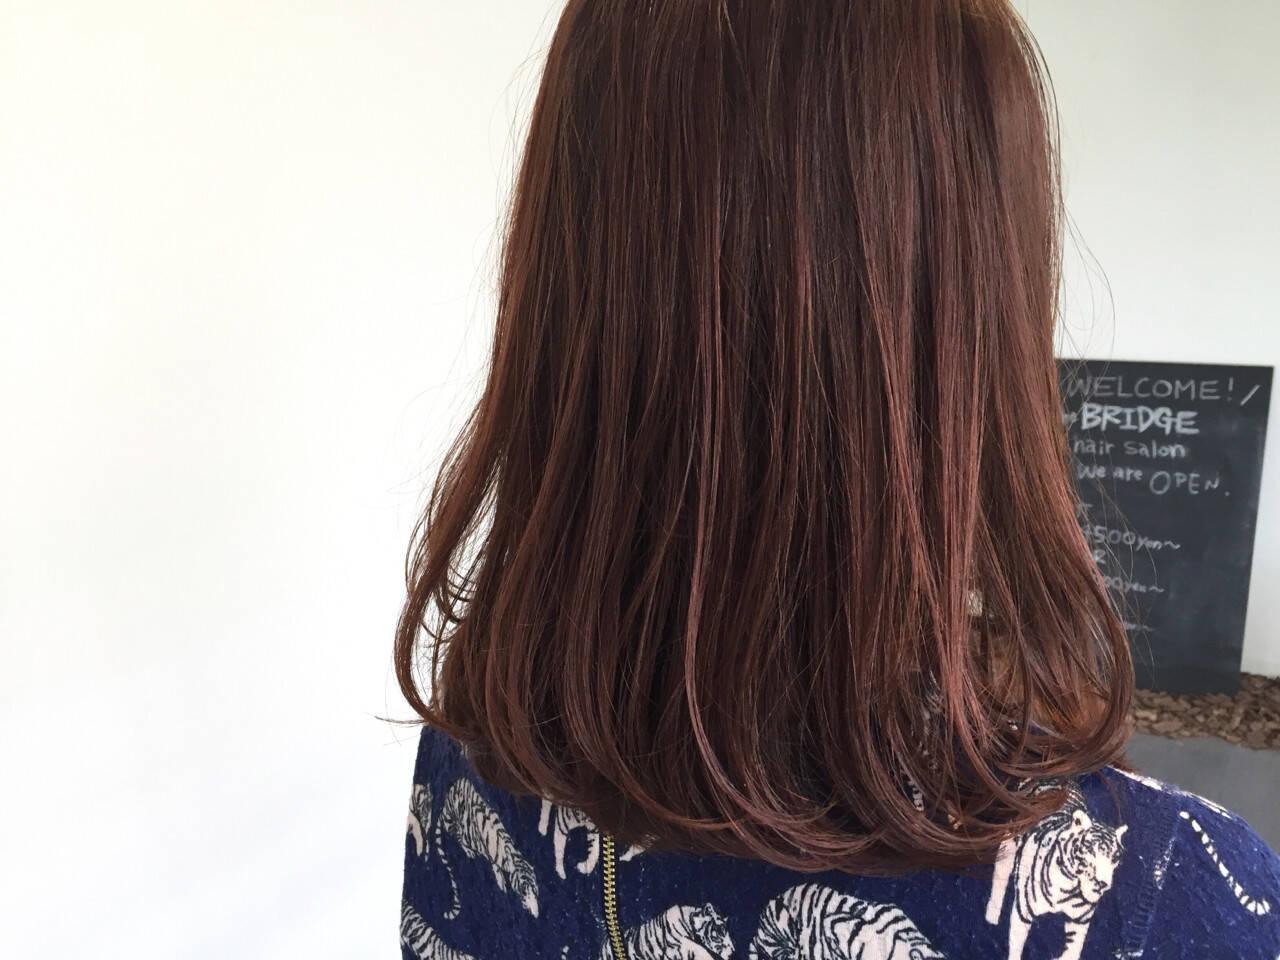 ロブ 艶髪 ミディアム ボブヘアスタイルや髪型の写真・画像